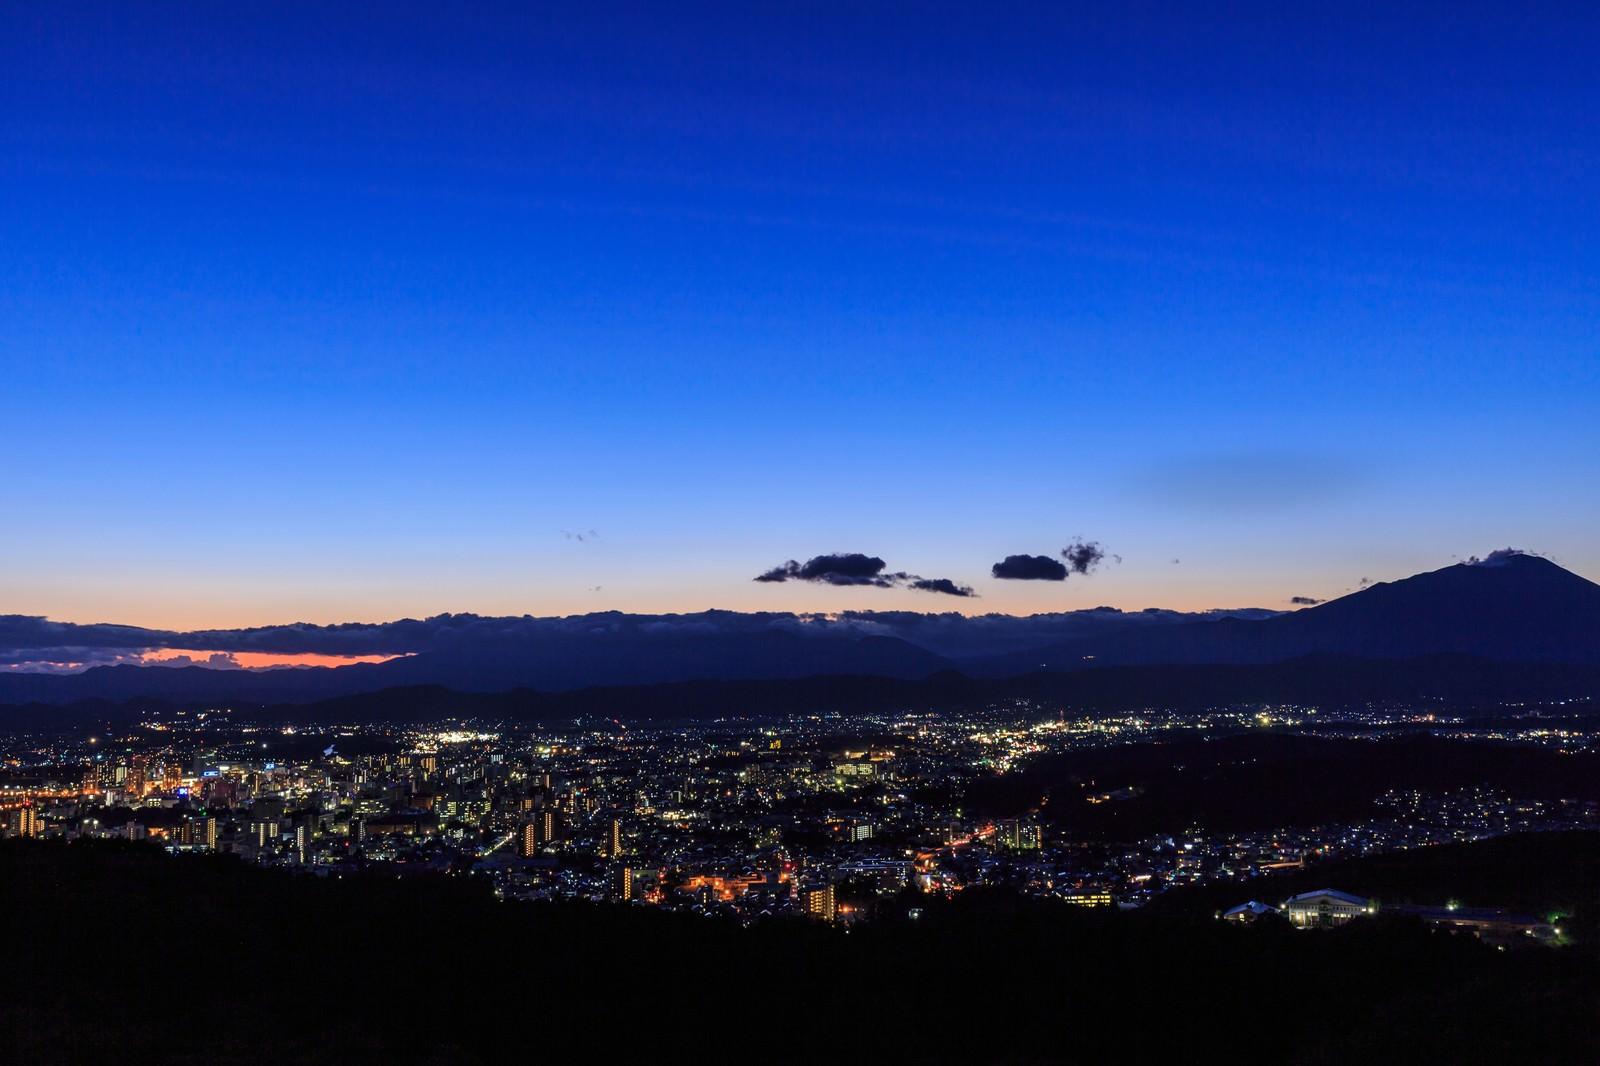 「岩山公園からの盛岡市街夜景」の写真